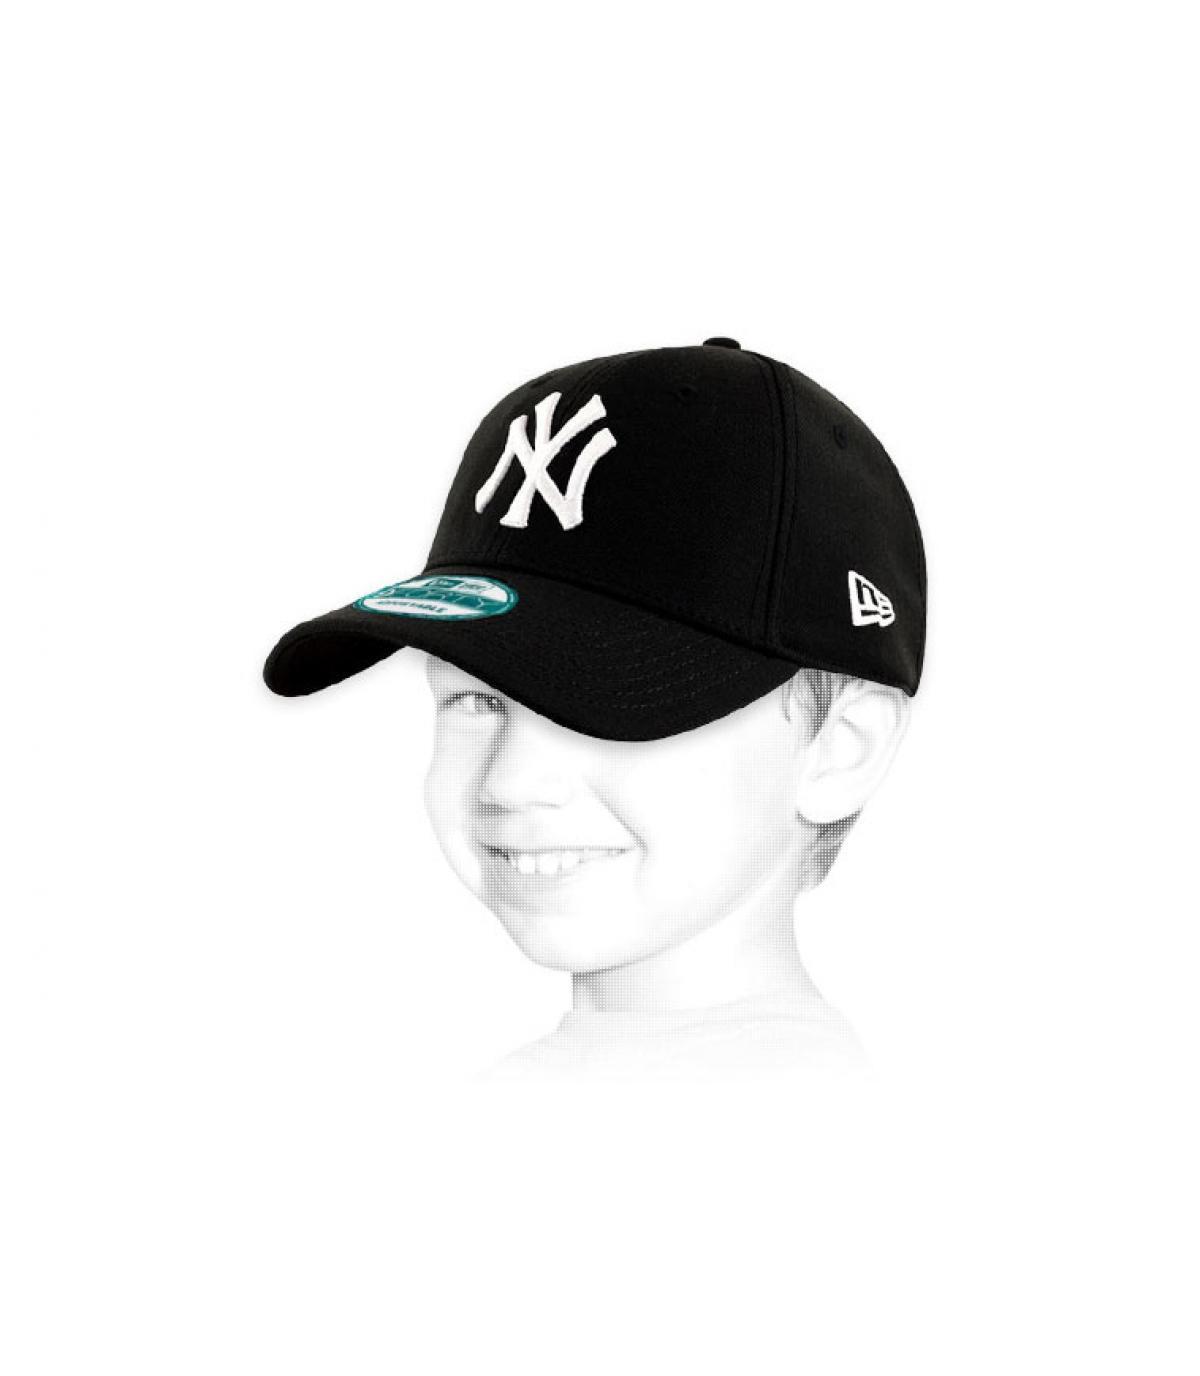 e275cd669484 Casquette New Era Enfant - Casquette NY pour enfant - Headict